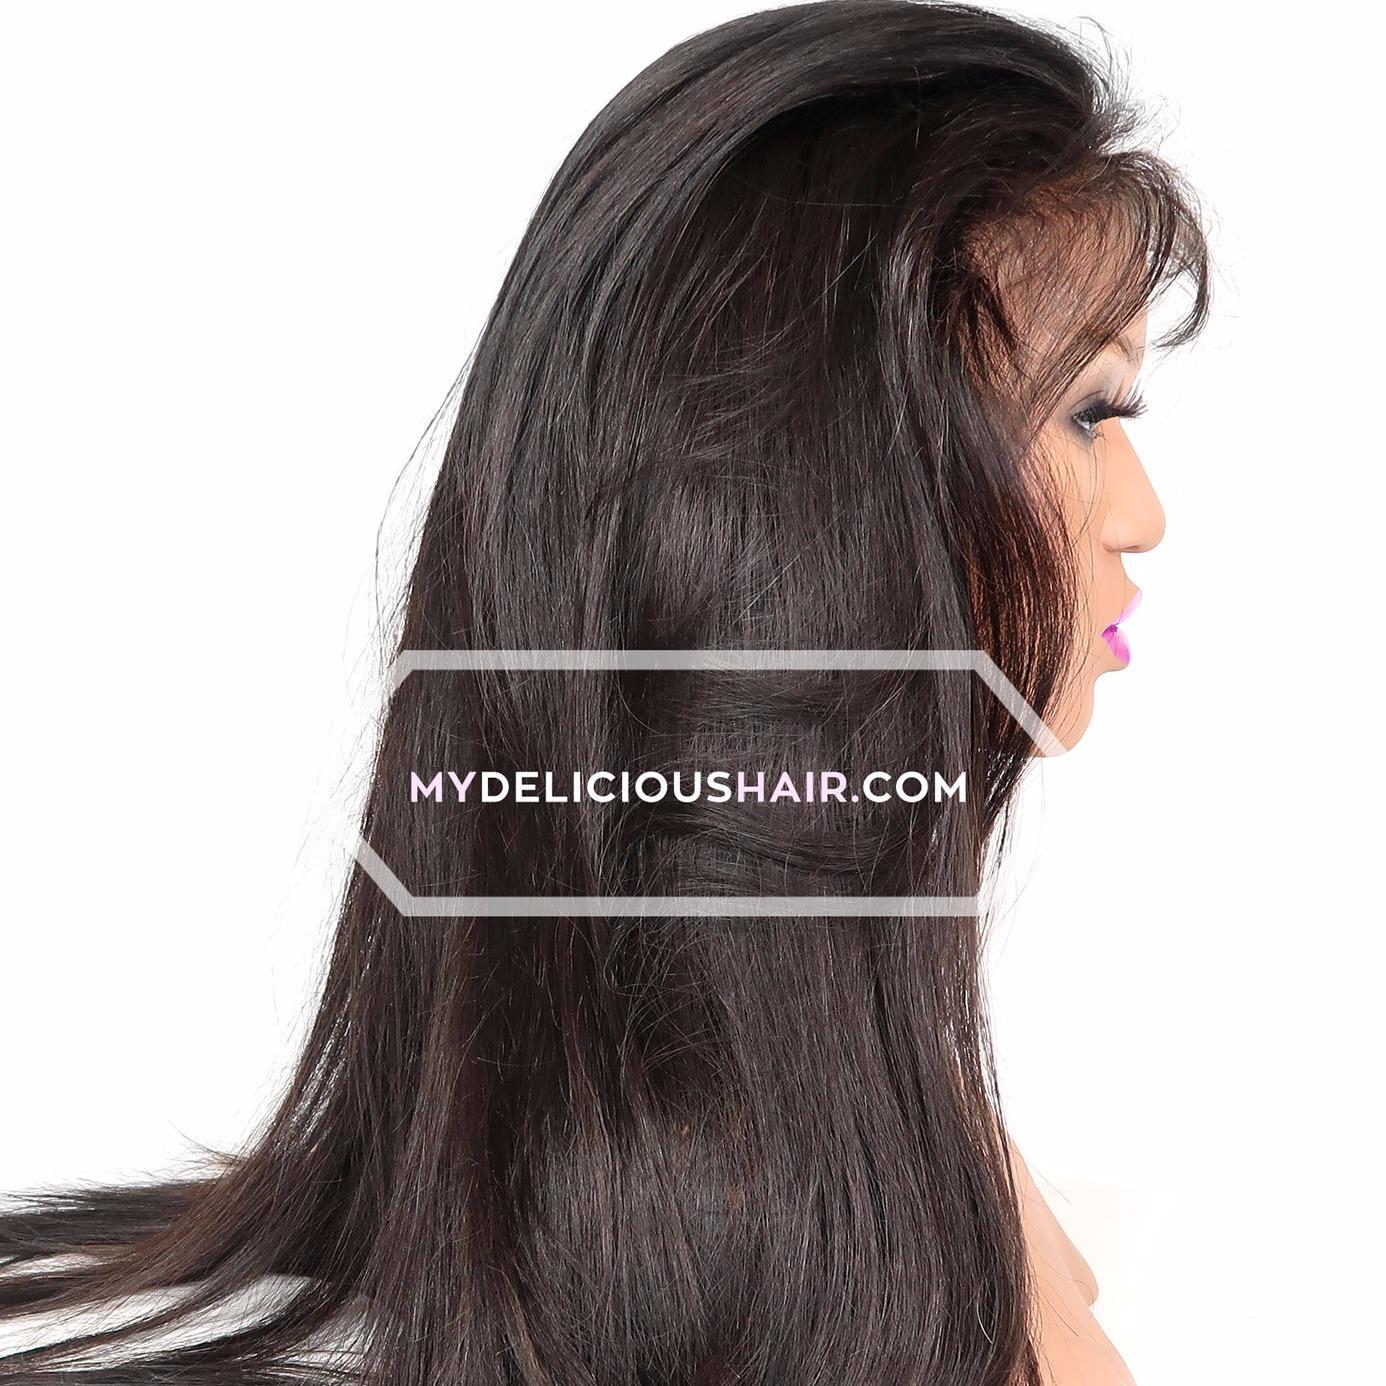 Shop Lace Wigs image 13